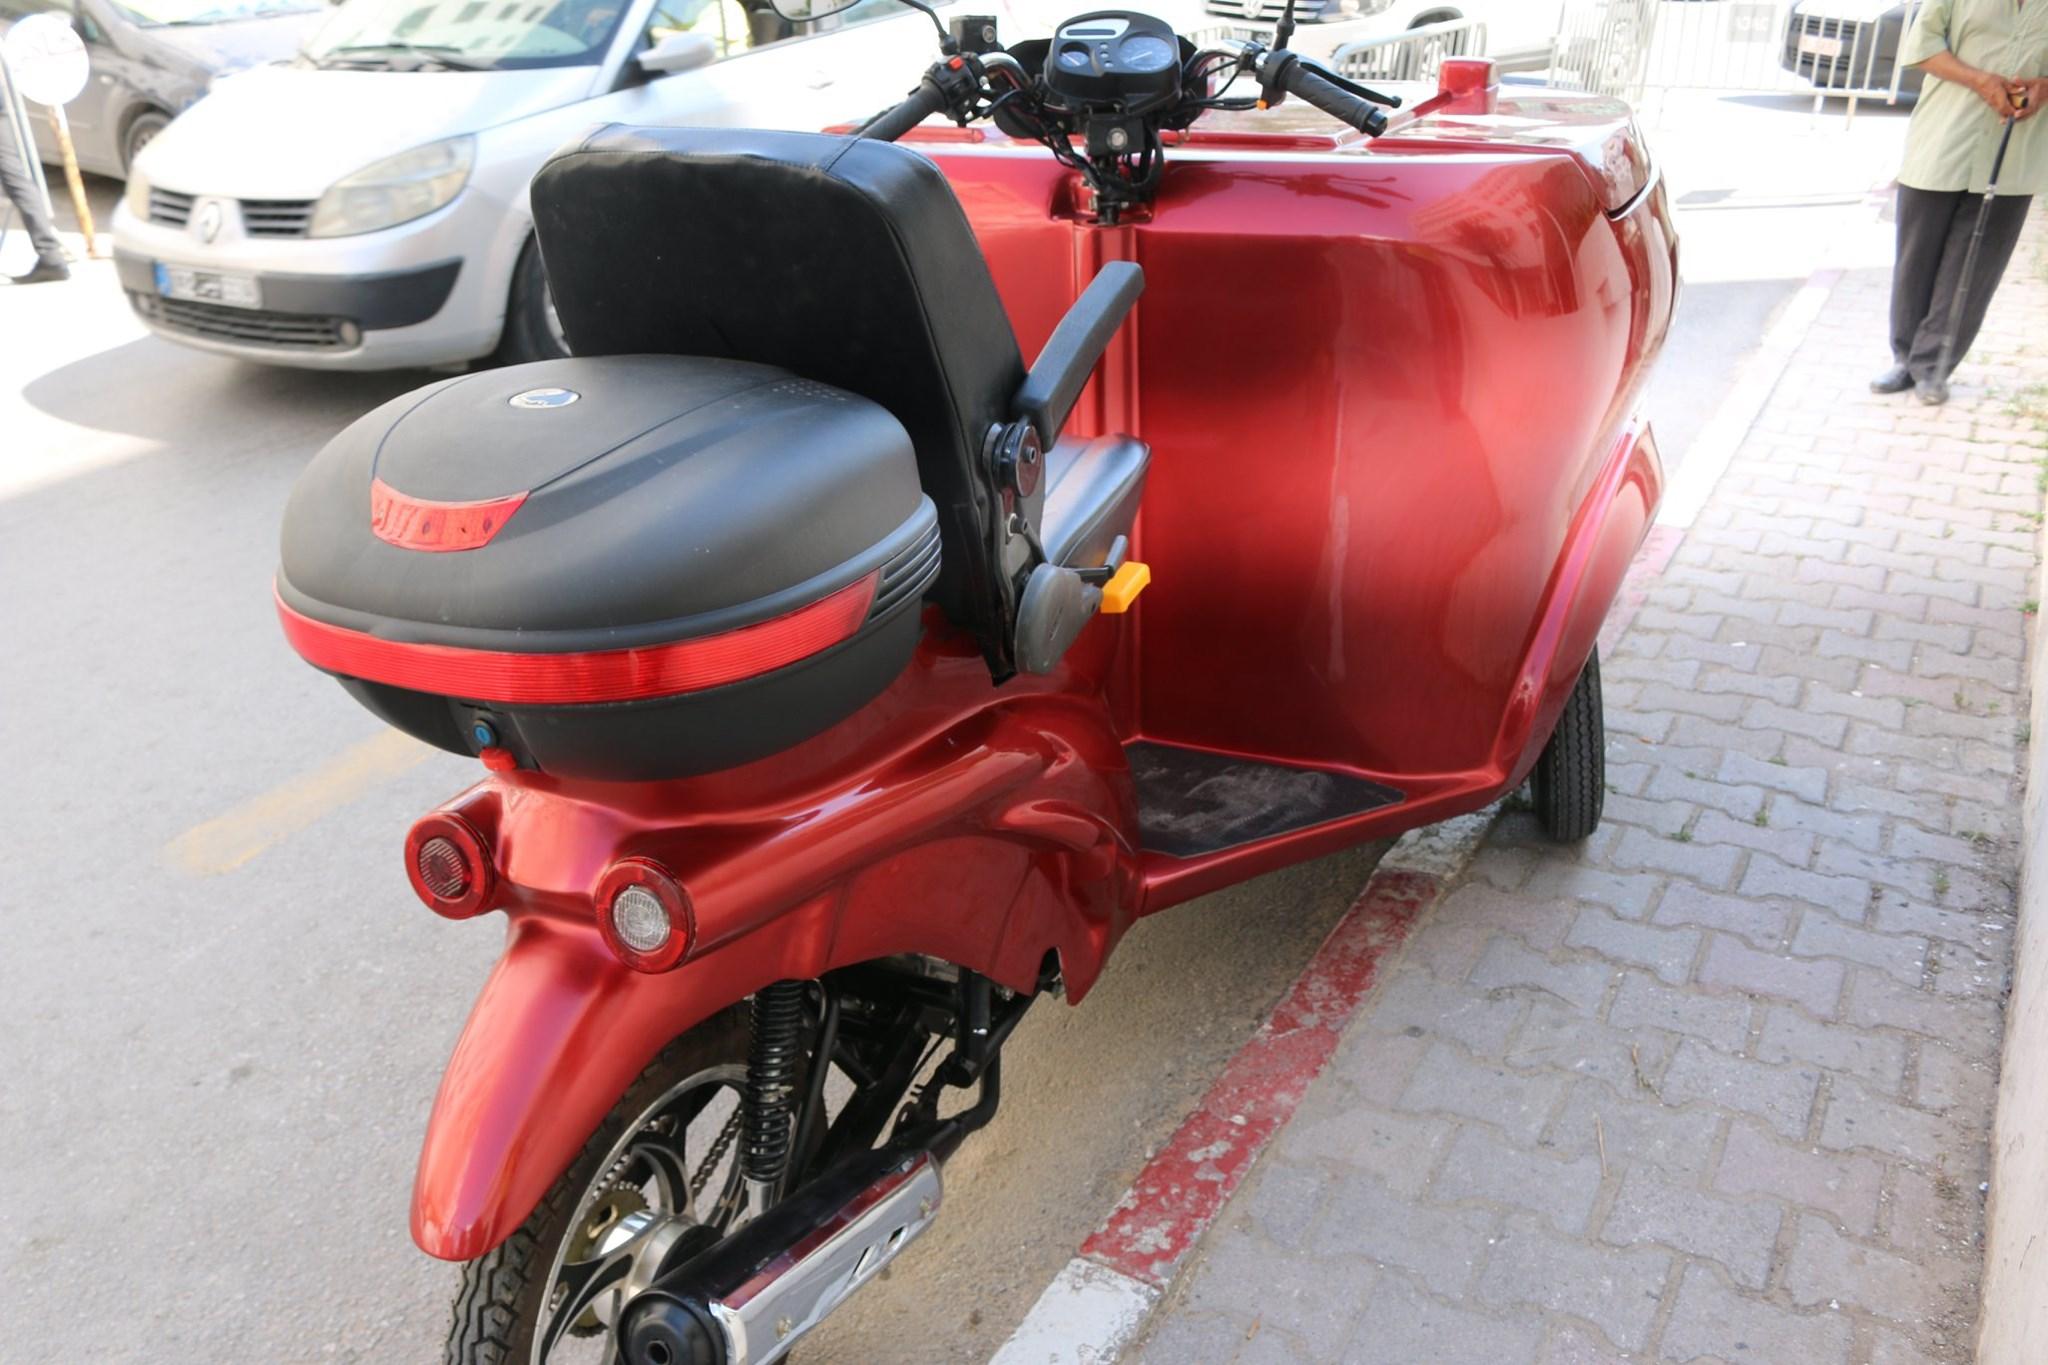 ابتكار تونسي جديد: عربة ذات 3 عجلات (صور)